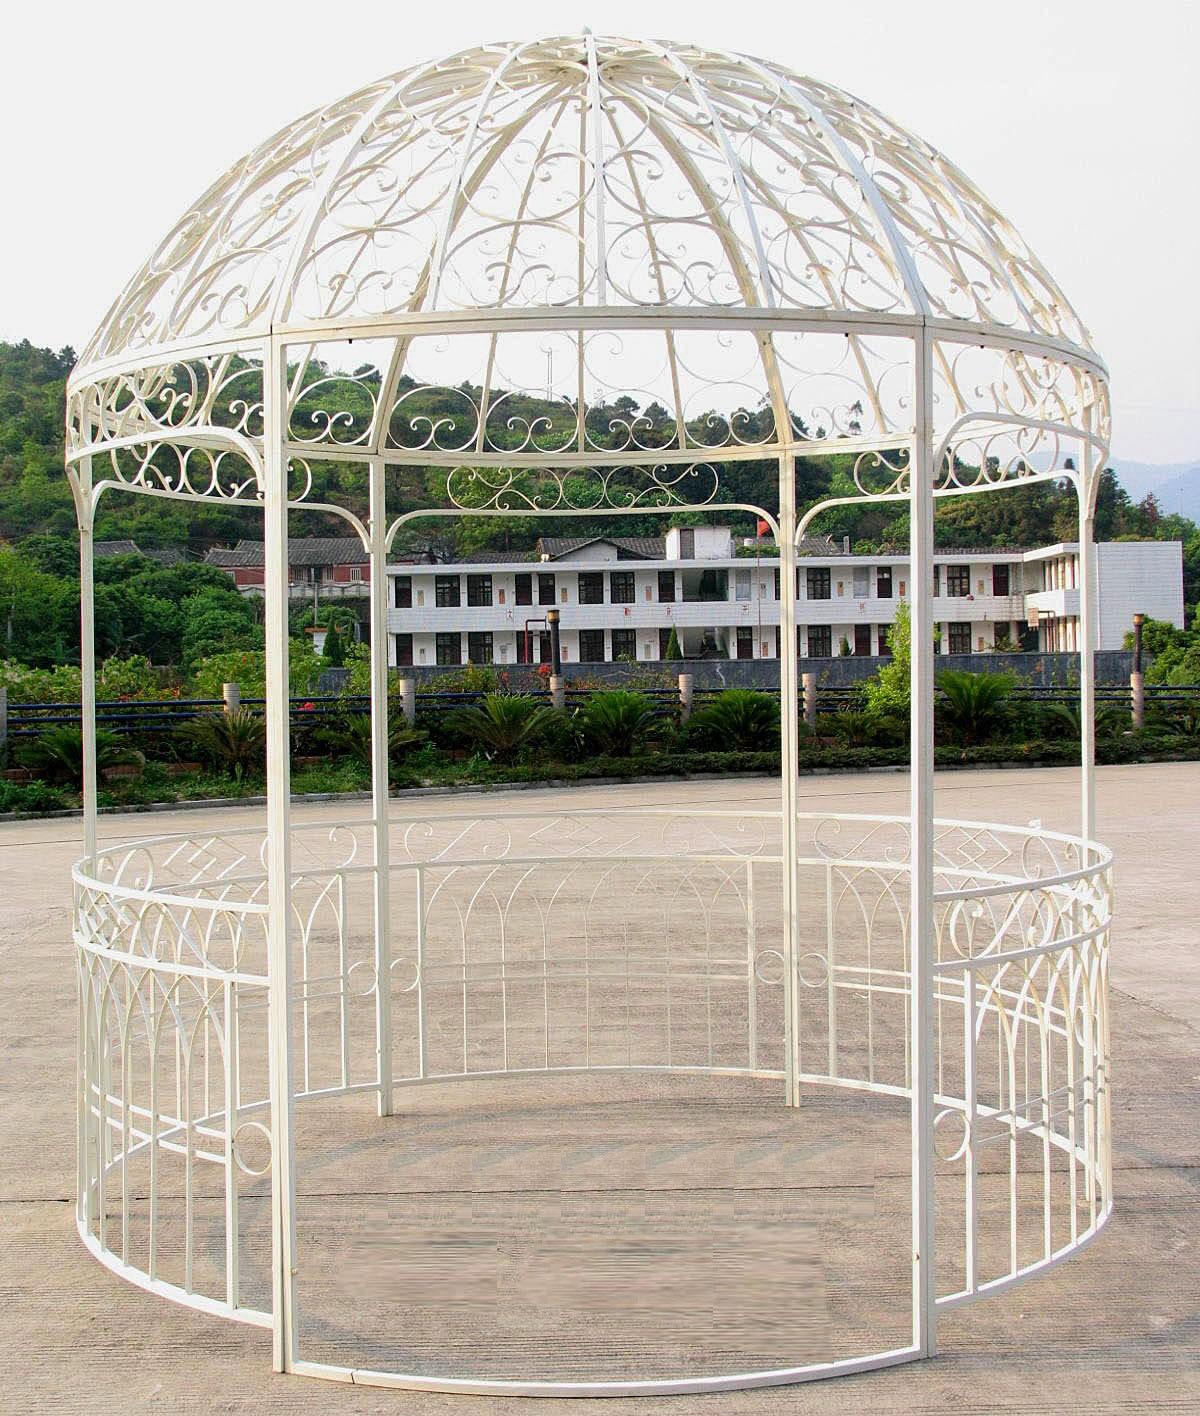 Tonnelle Kiosque De Jardin grande tonnelle kiosque de jardin pergola abris rond gloriette en fer forgé  blanc 250x250x290cm